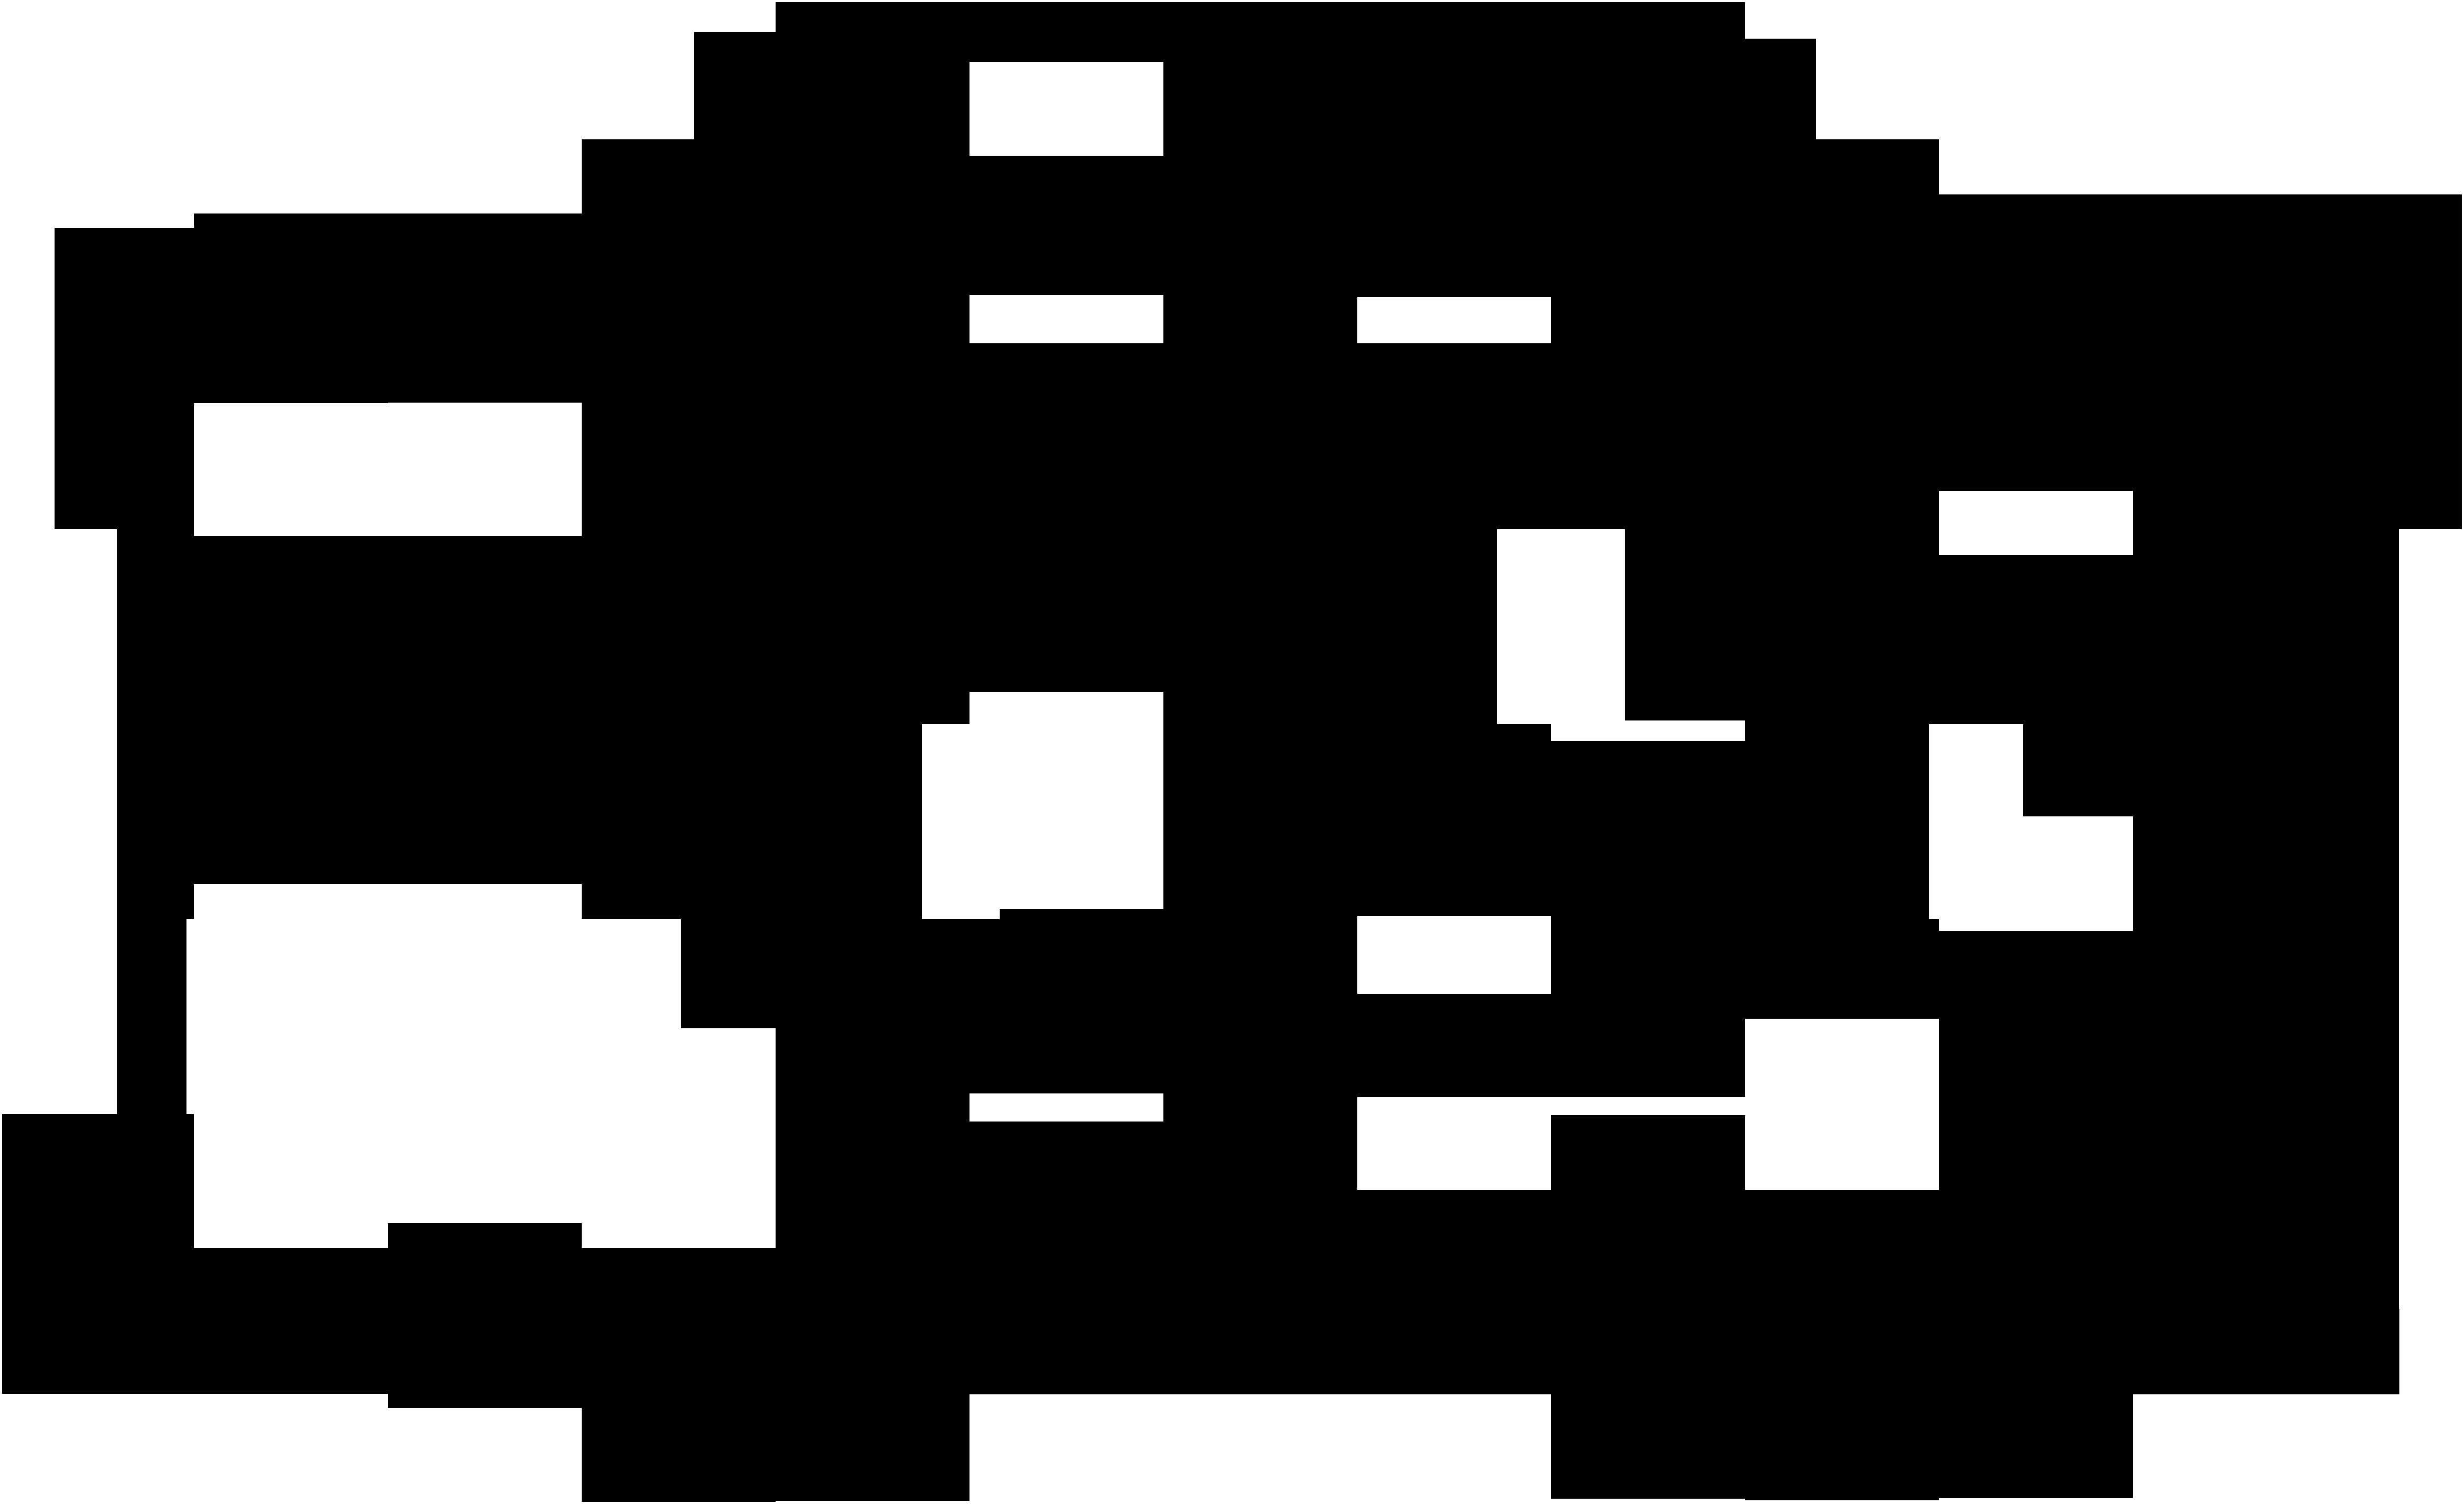 原始P001-1005 Model (1)